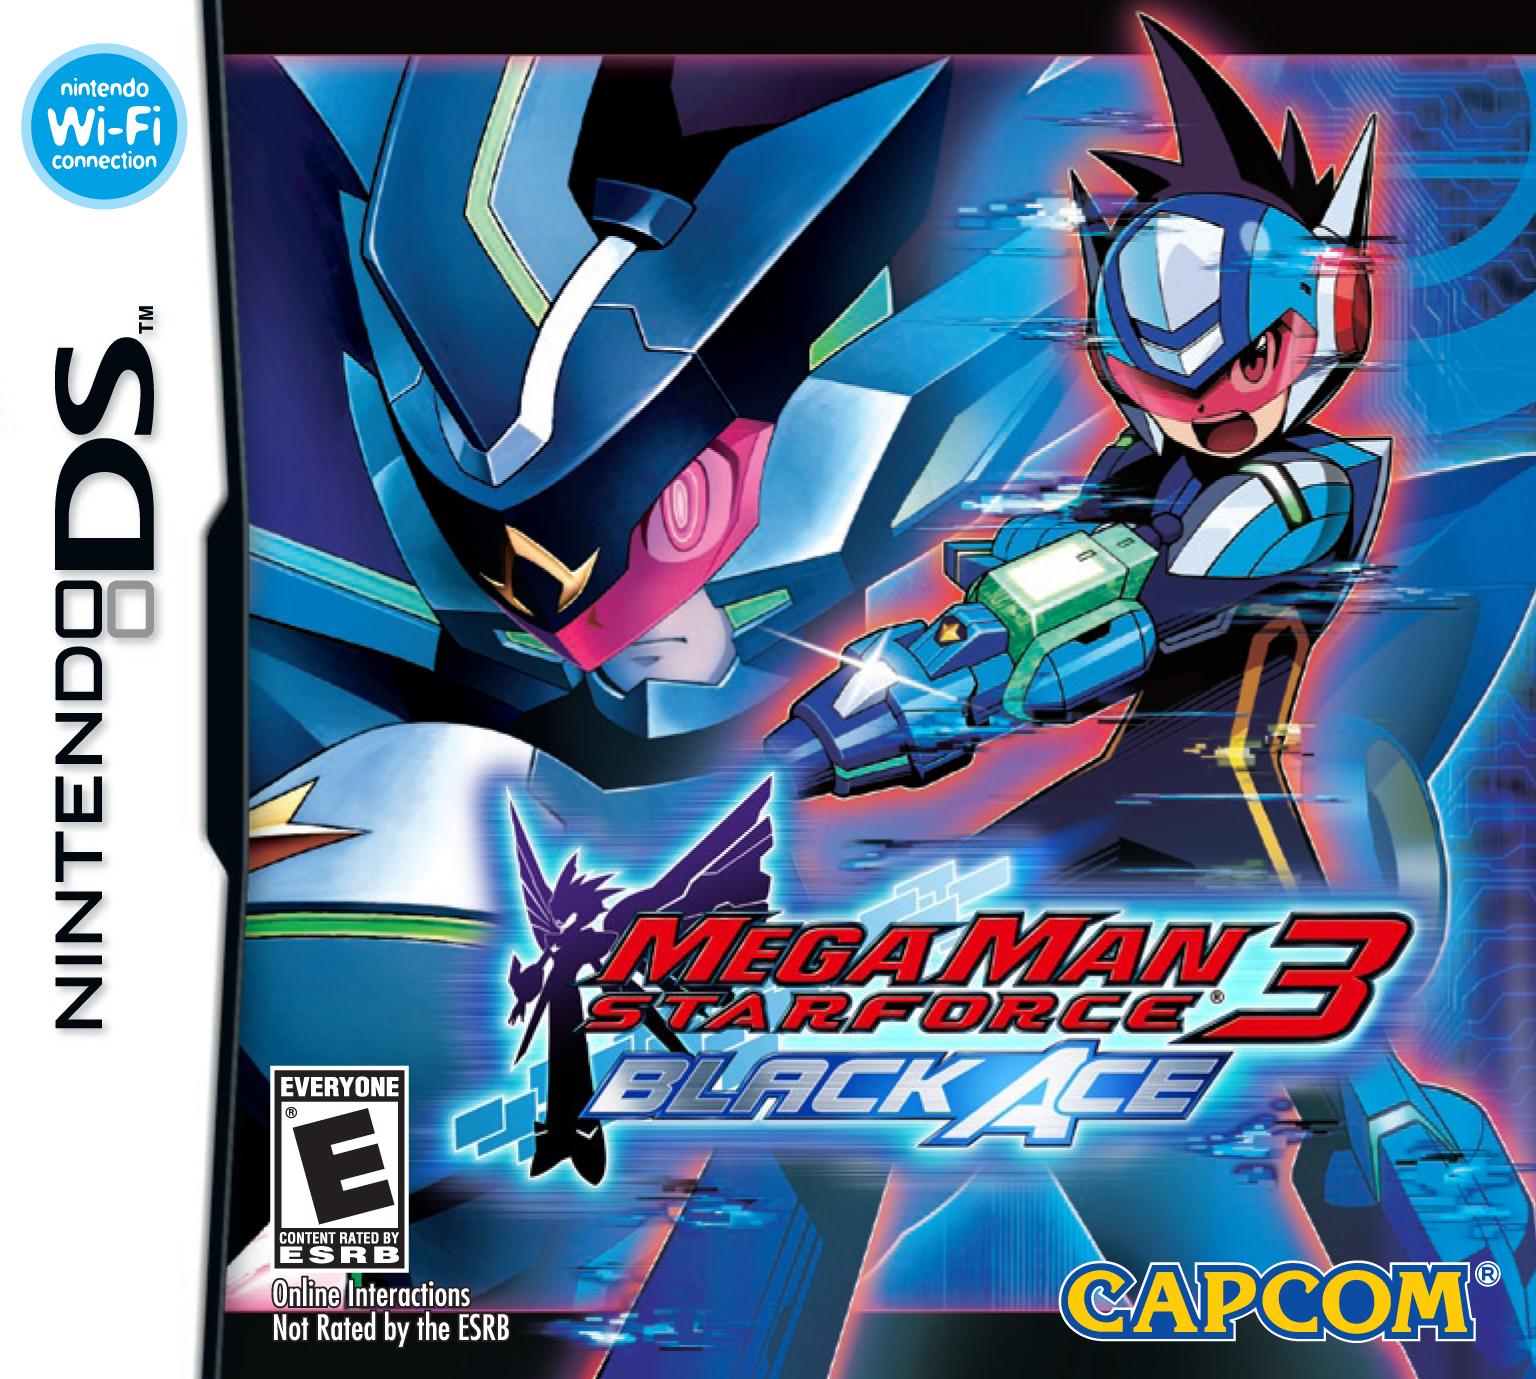 File:Mega Man Star Force 3 Black Ace DS.jpg